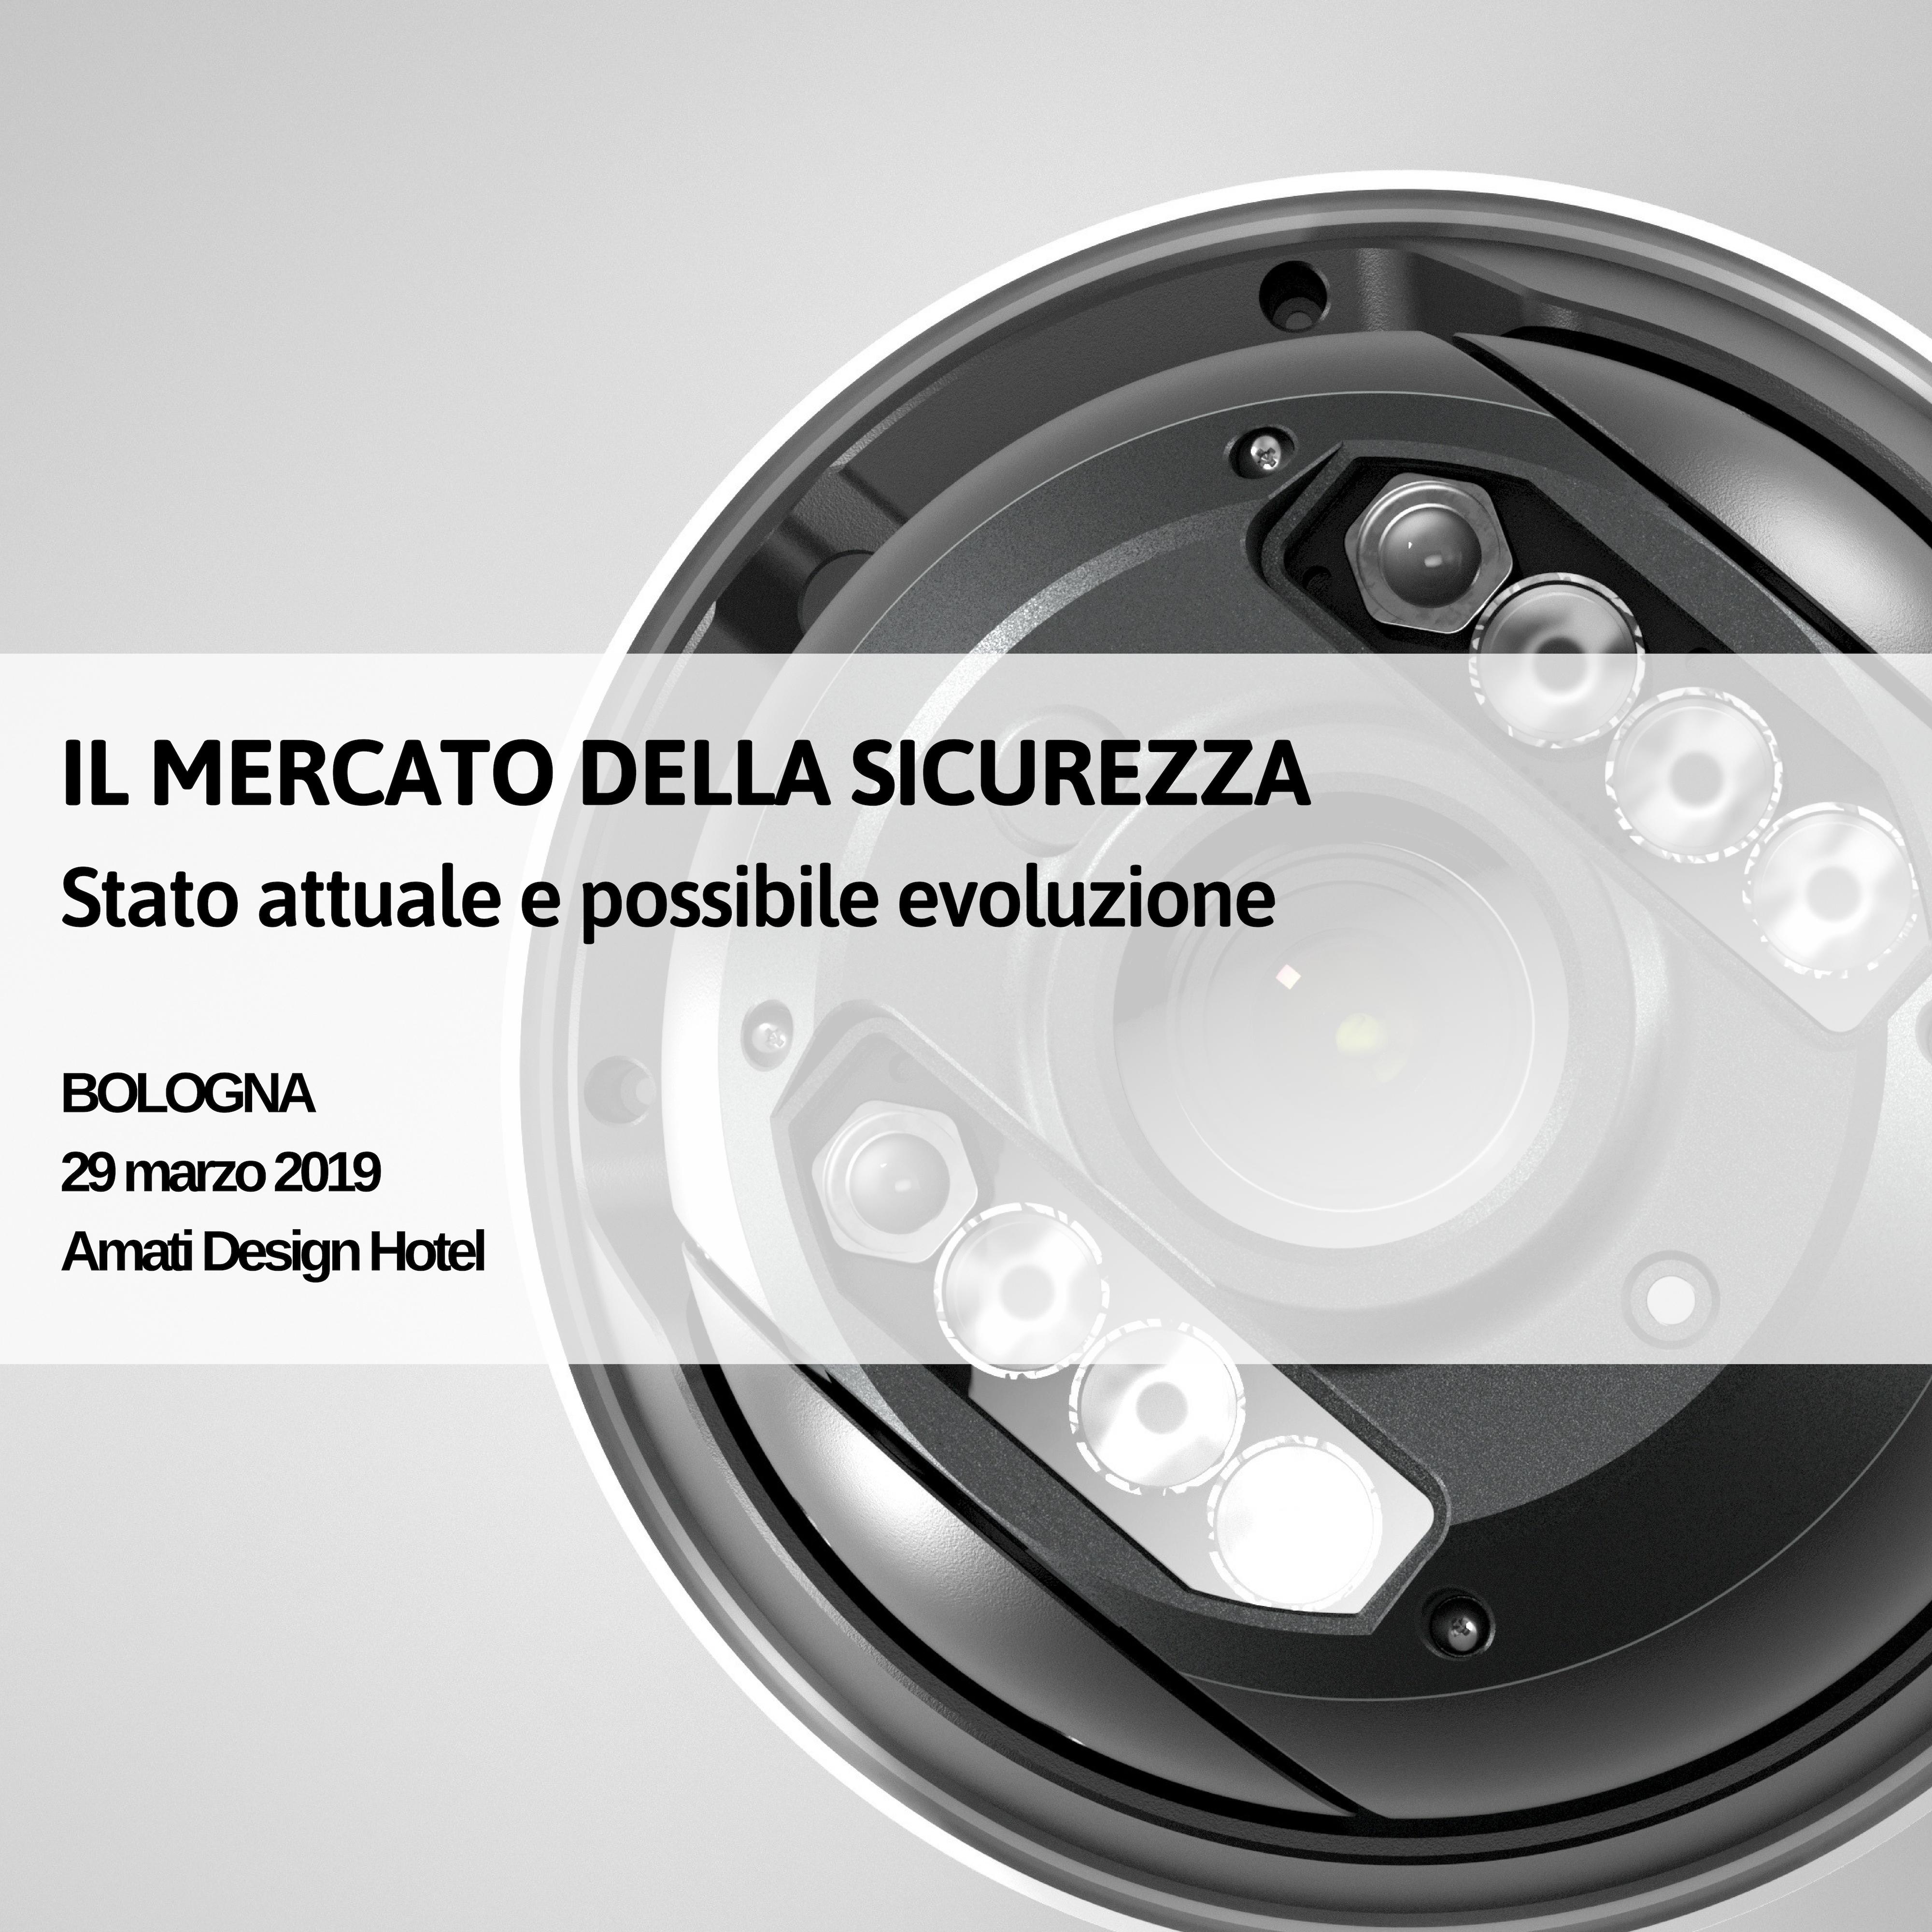 Il mercato della sicurezza: il 29/03 Spark sarà a Bologna per la tavola rotonda organizzata da RIFS